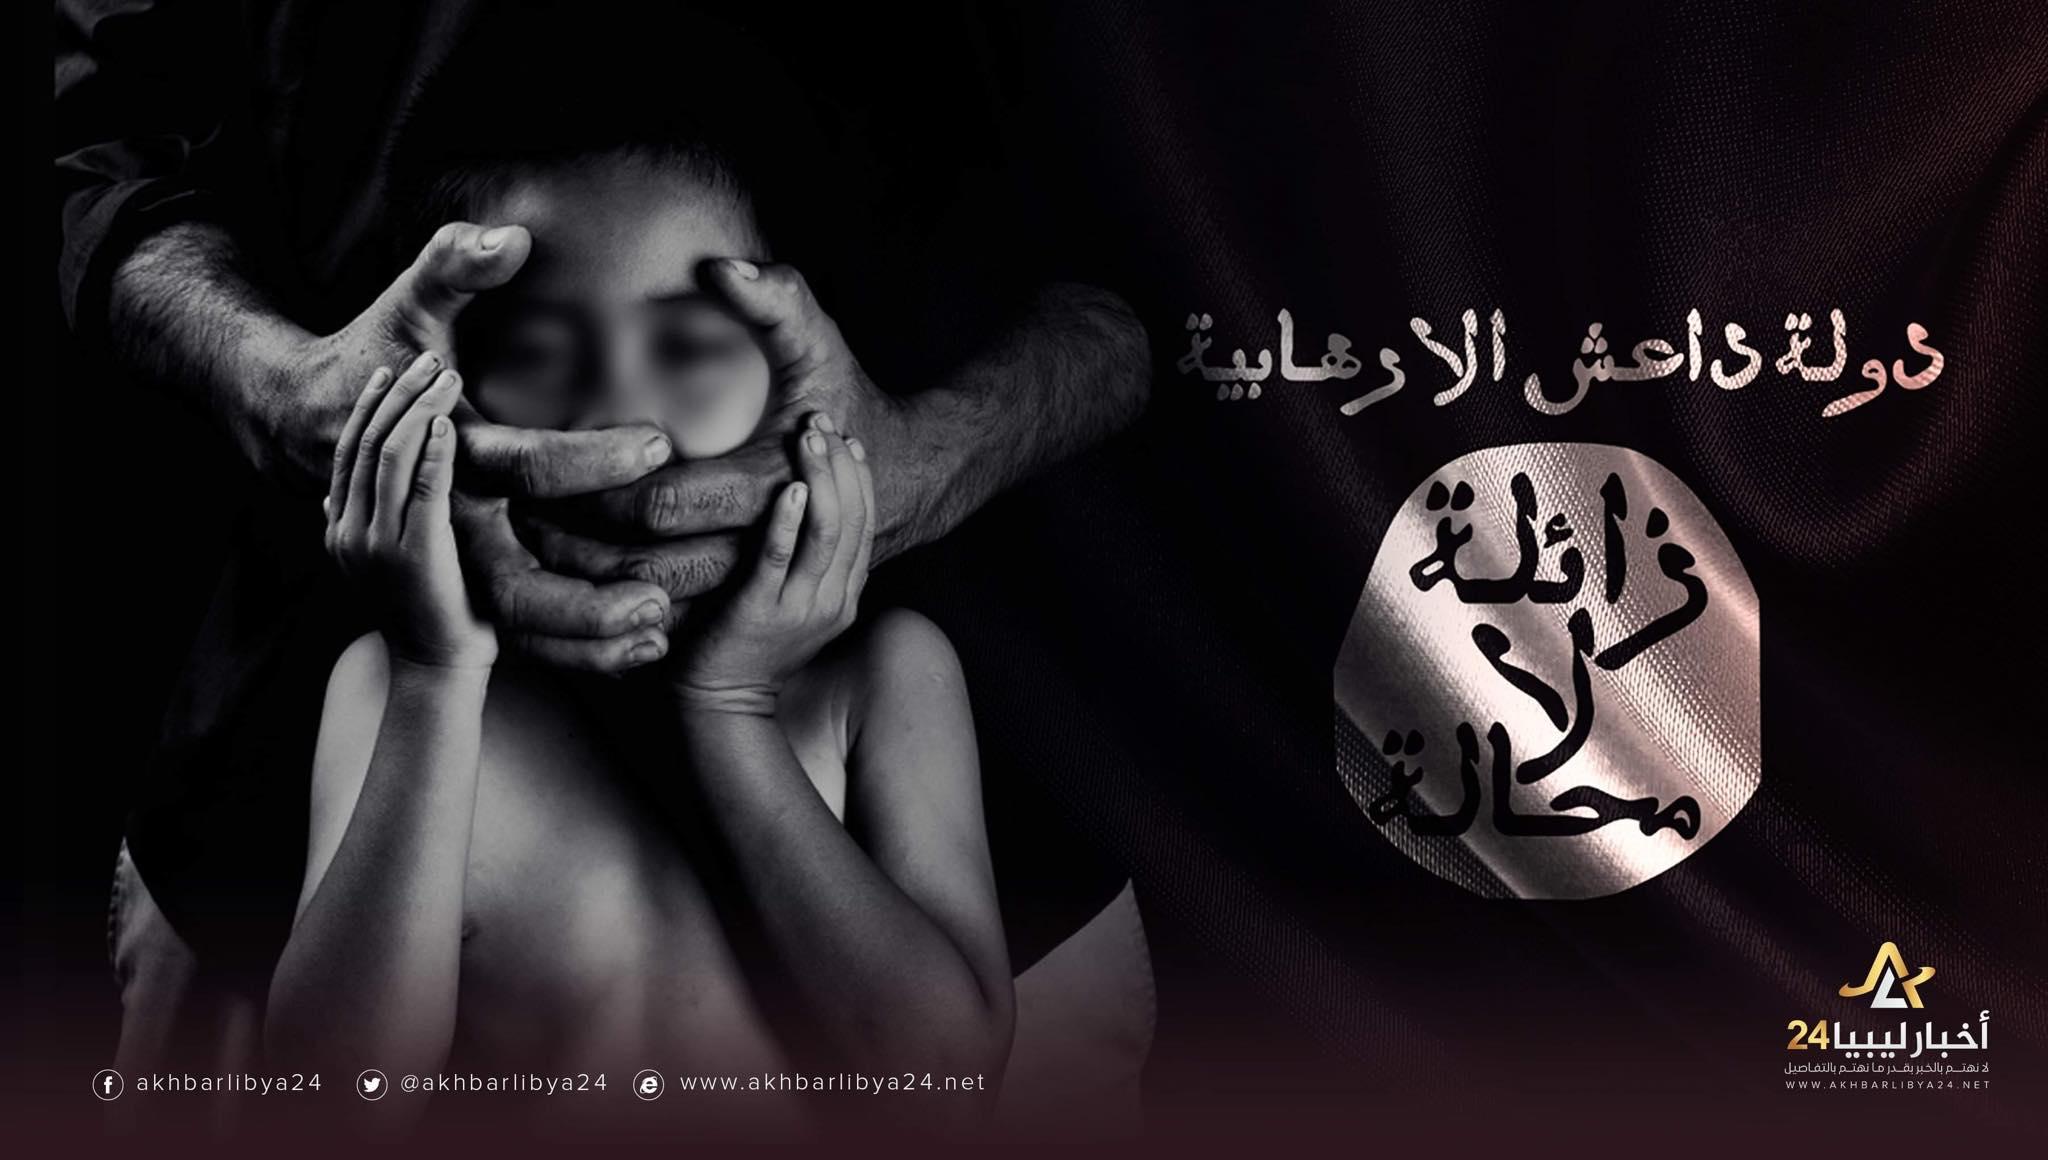 صورة معترفًا باغتصاب الأطفال .. داعشي : قادة التنظيم استخدمونا ورمونا مثل الكلاب